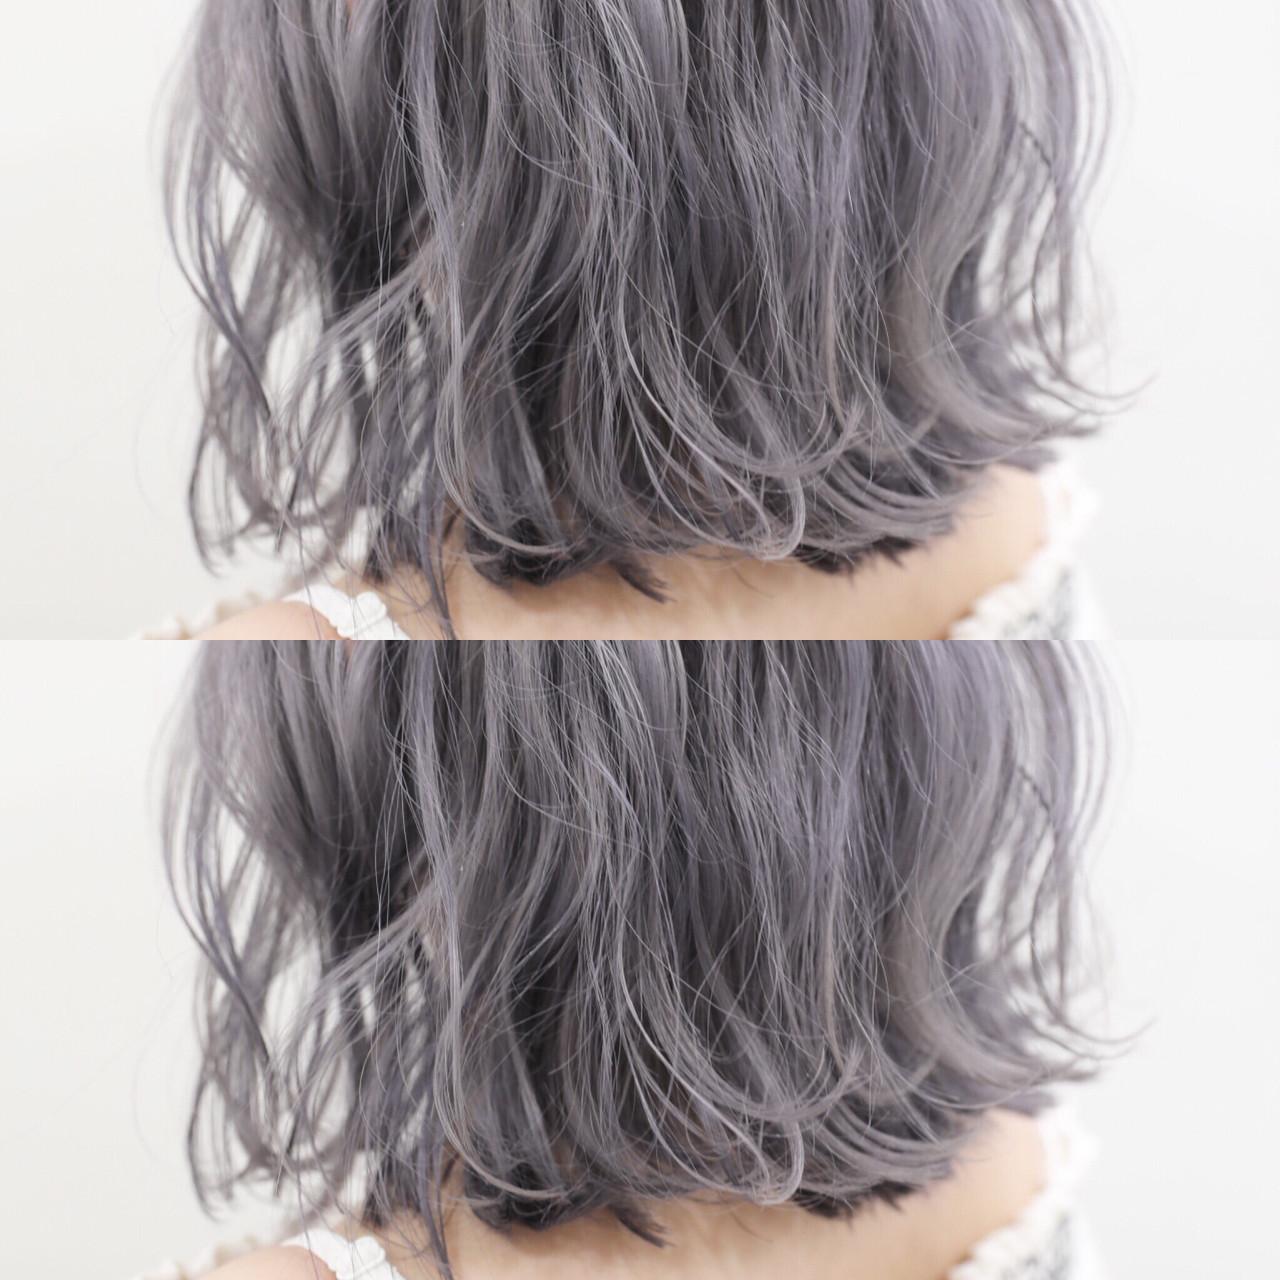 モード ボブ シルバーアッシュ ホワイトアッシュ ヘアスタイルや髪型の写真・画像 | 蒔山知洋 / blue faces 表参道 (ブルーフェーセス)